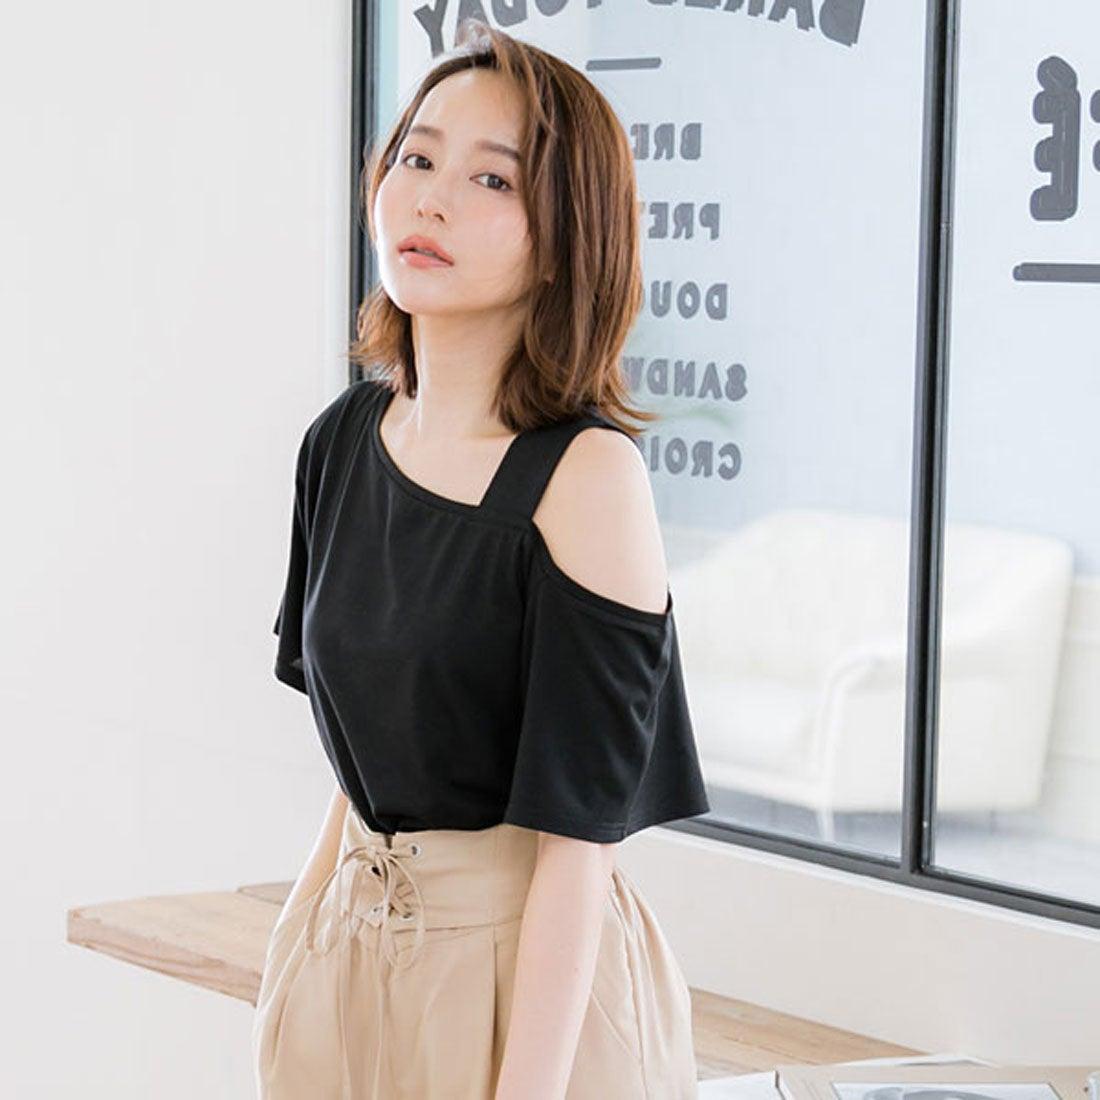 ユメテンボウ 夢展望 ワンショルダーor肩開きTシャツ (ブラック(ワンショル))